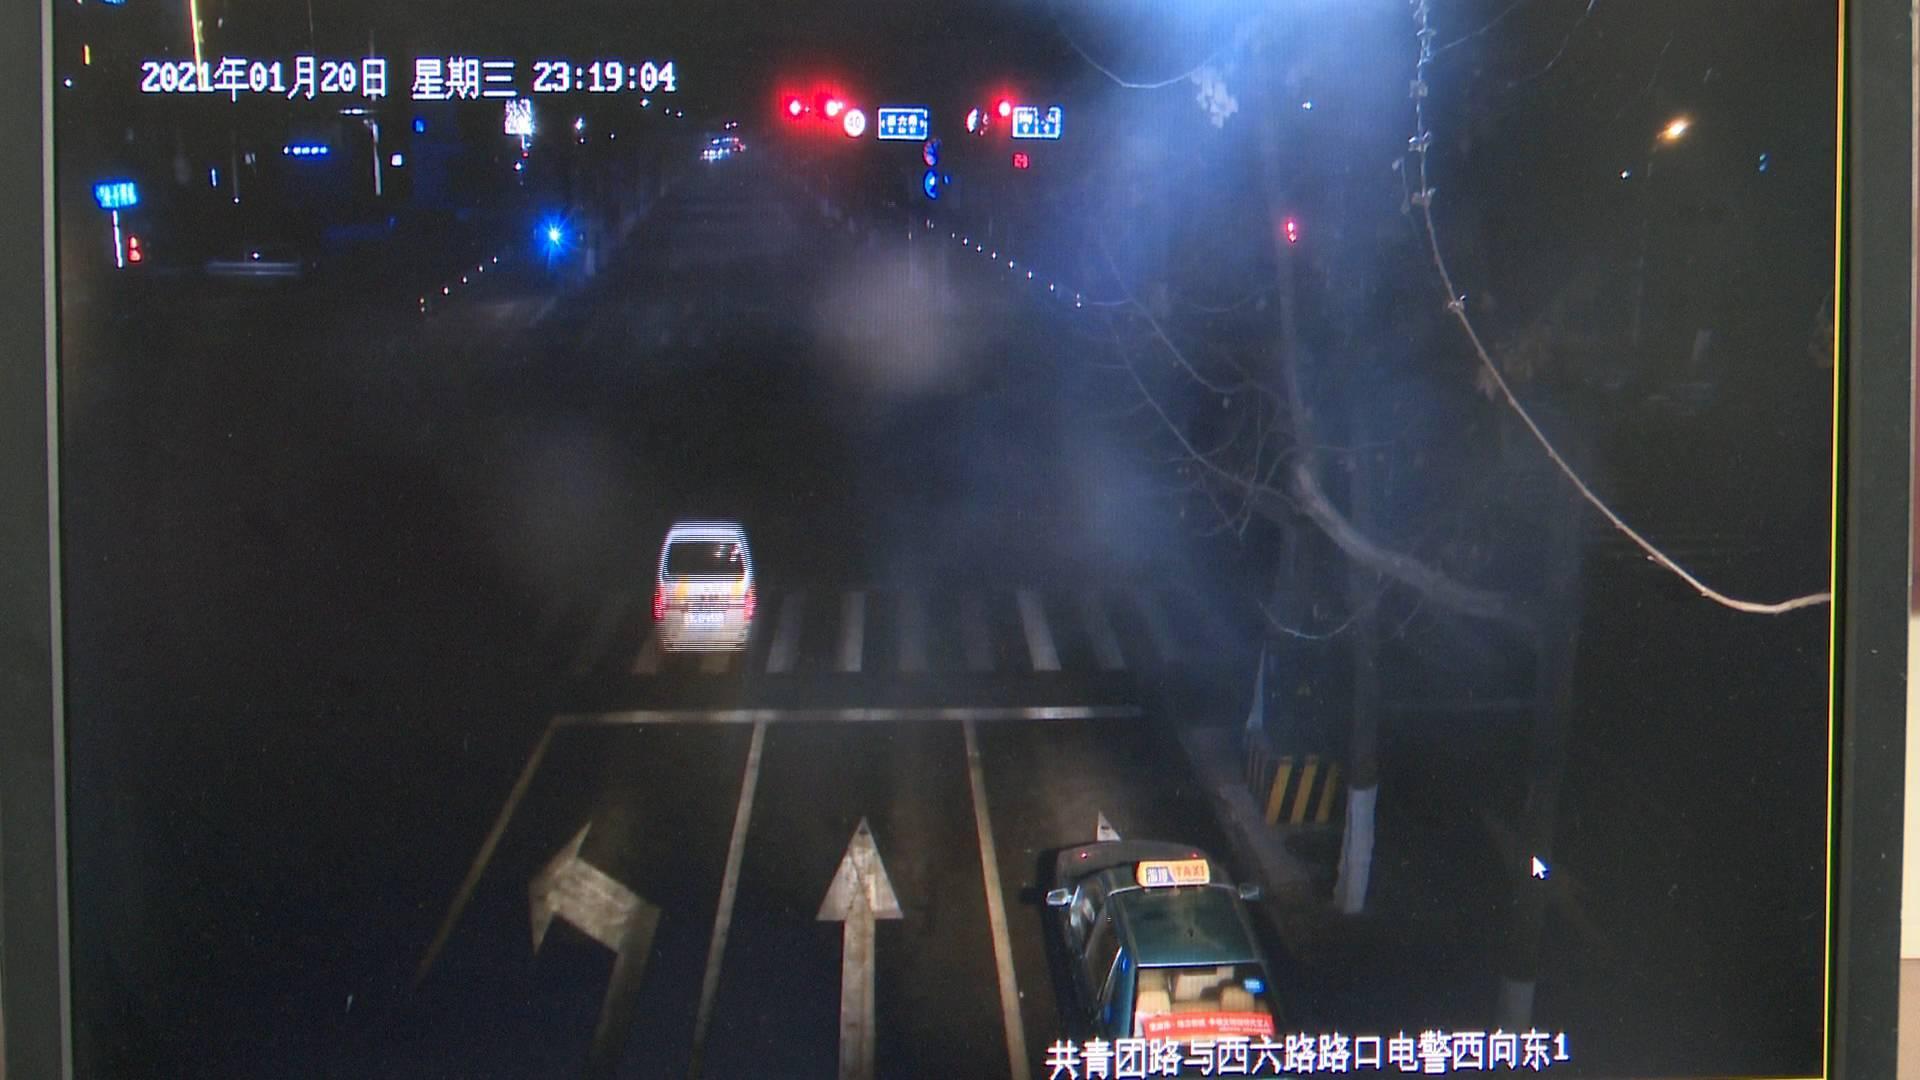 监控视频 淄博一女子深夜被撞 消防员闯红灯2分钟送医